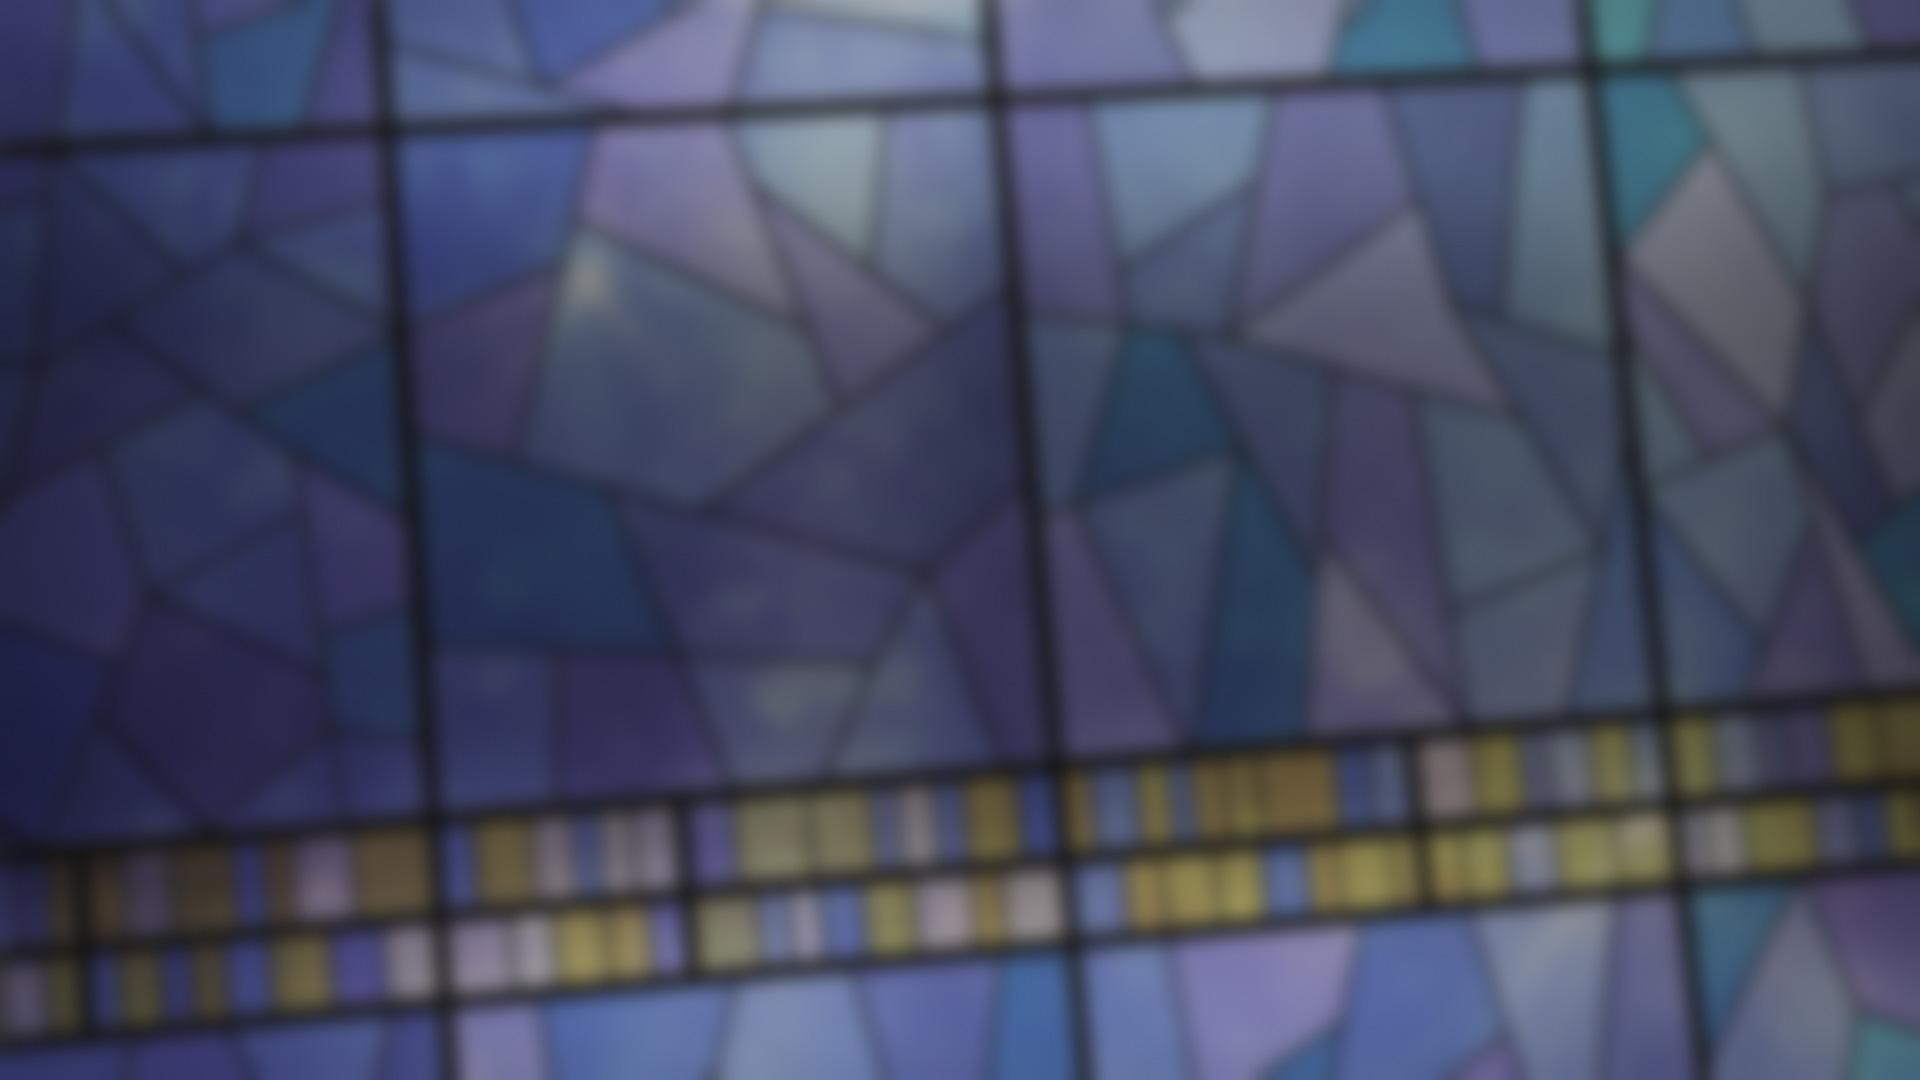 StainedGlass-Loop04.jpg